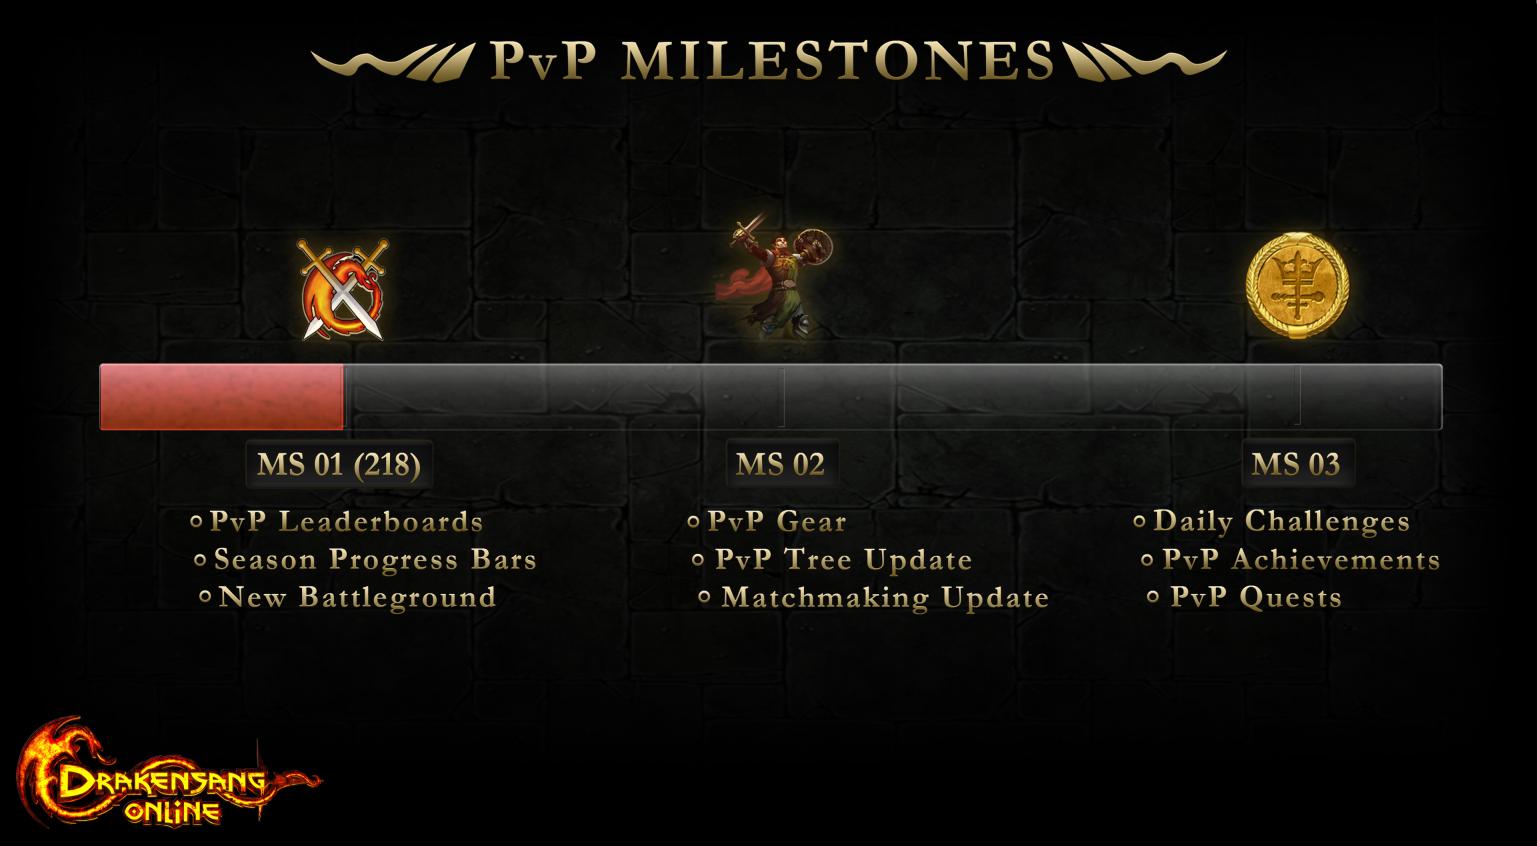 pvp milestones.png